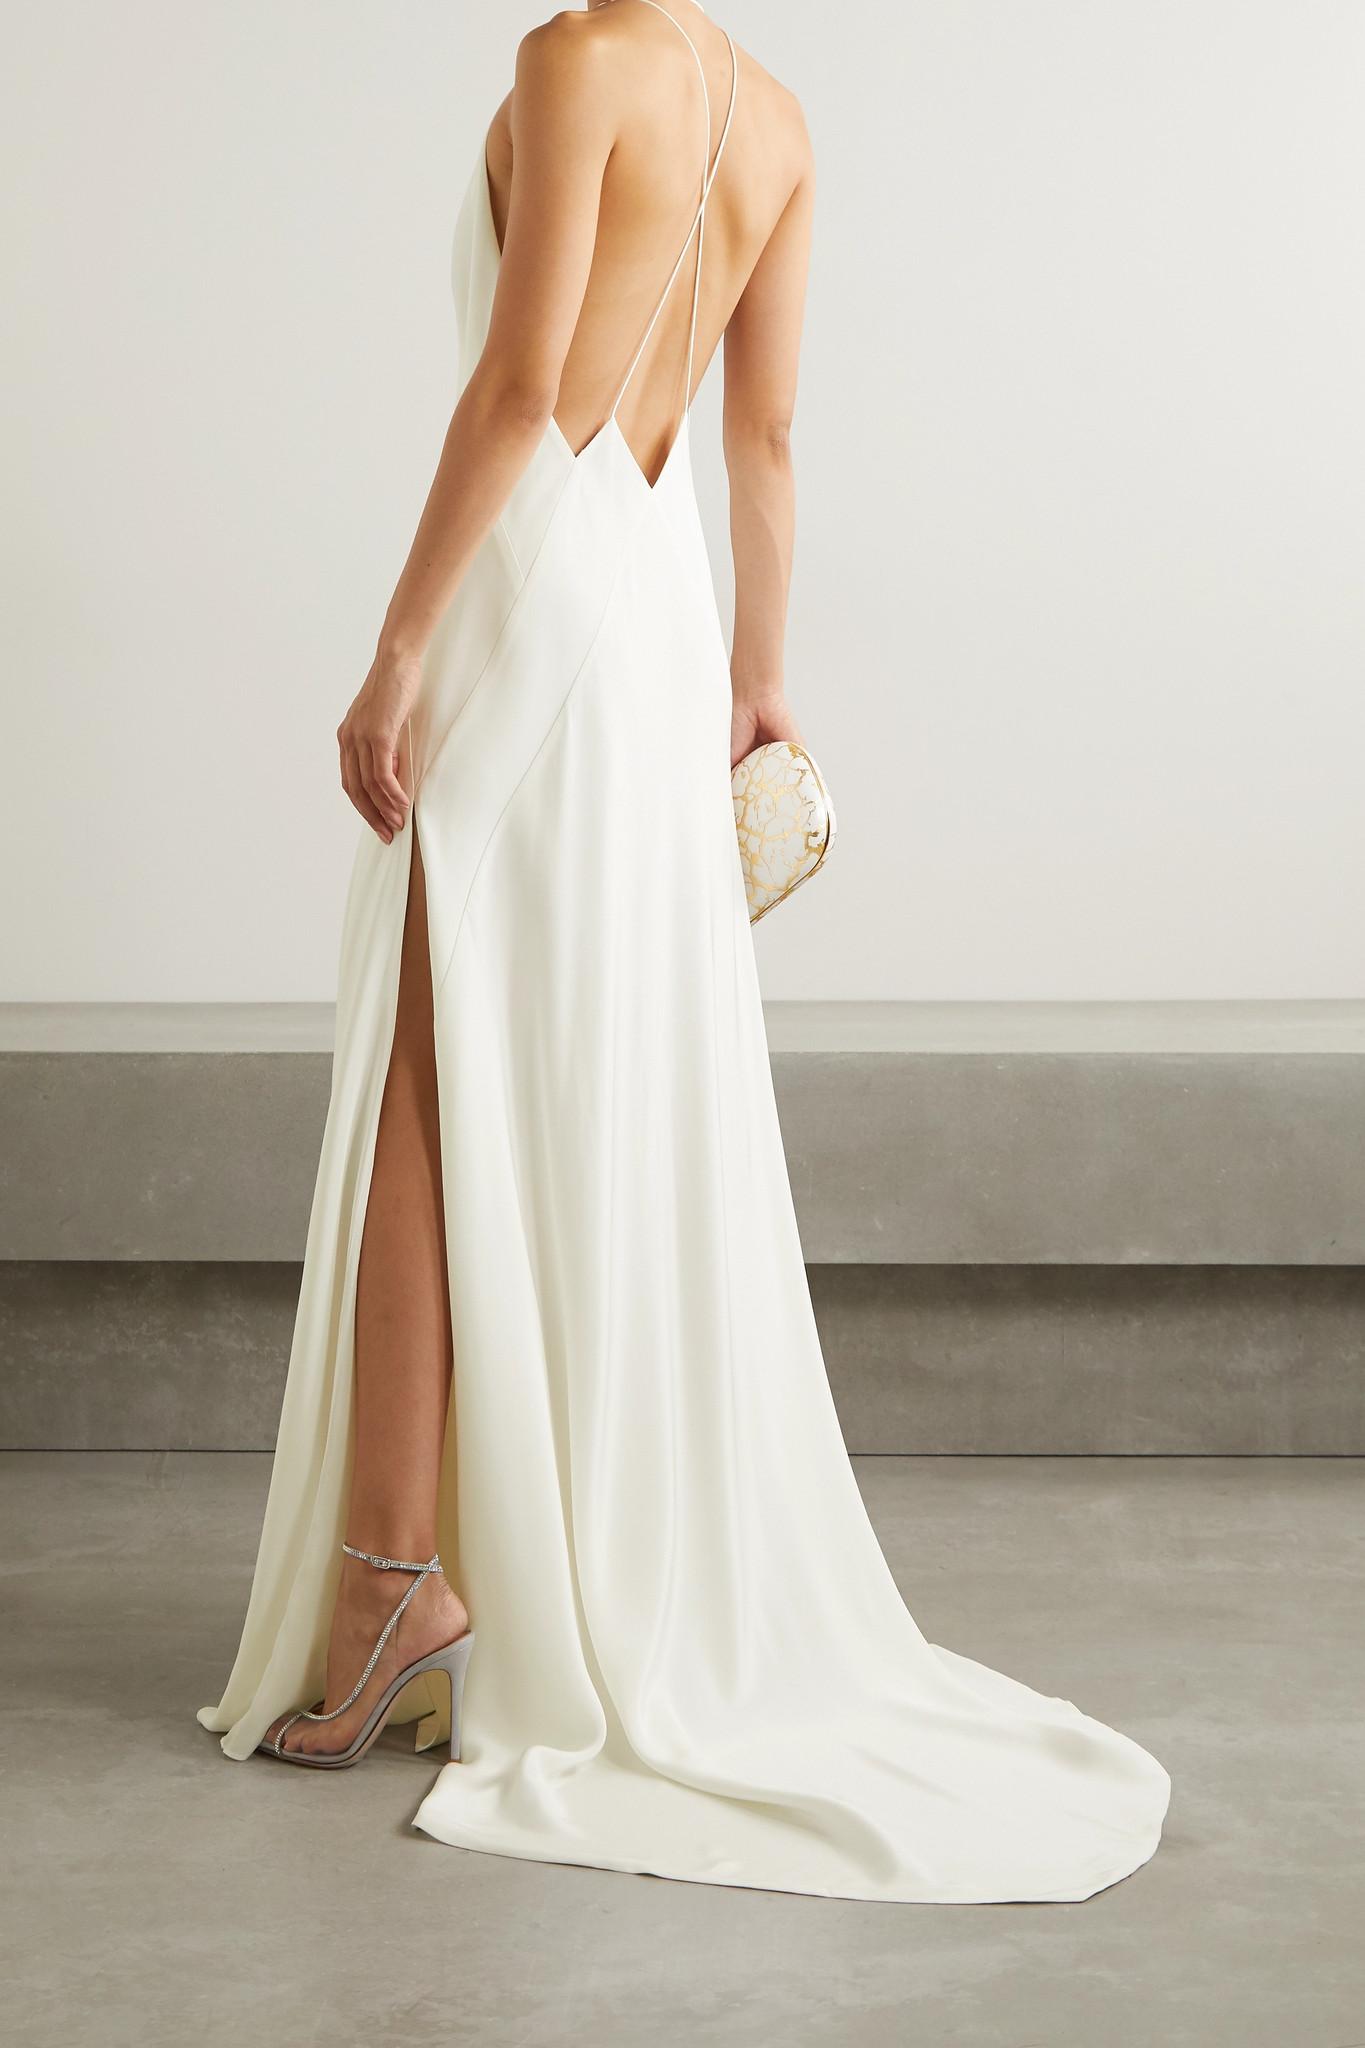 Vestido de novia lencero 2021, vestidos de novia 2021, tendencias para novias 2021, las tendencias en vestidos de novia 2021 - Michael Lo Sordo - Wedding Hub - 05